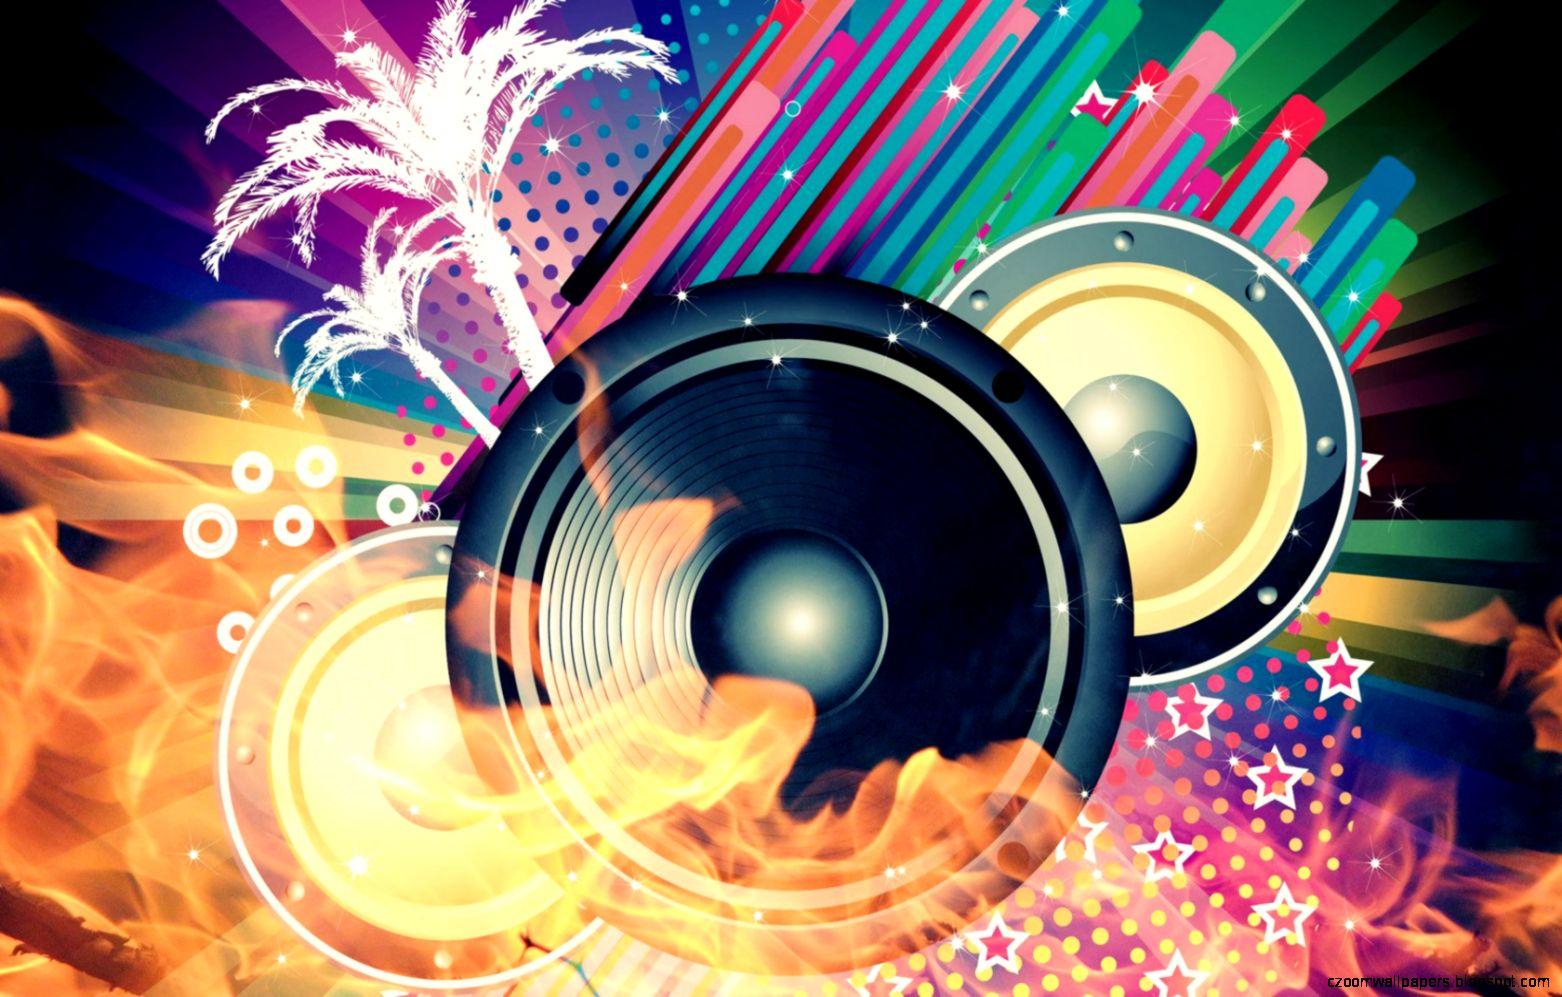 music wallpaper hd